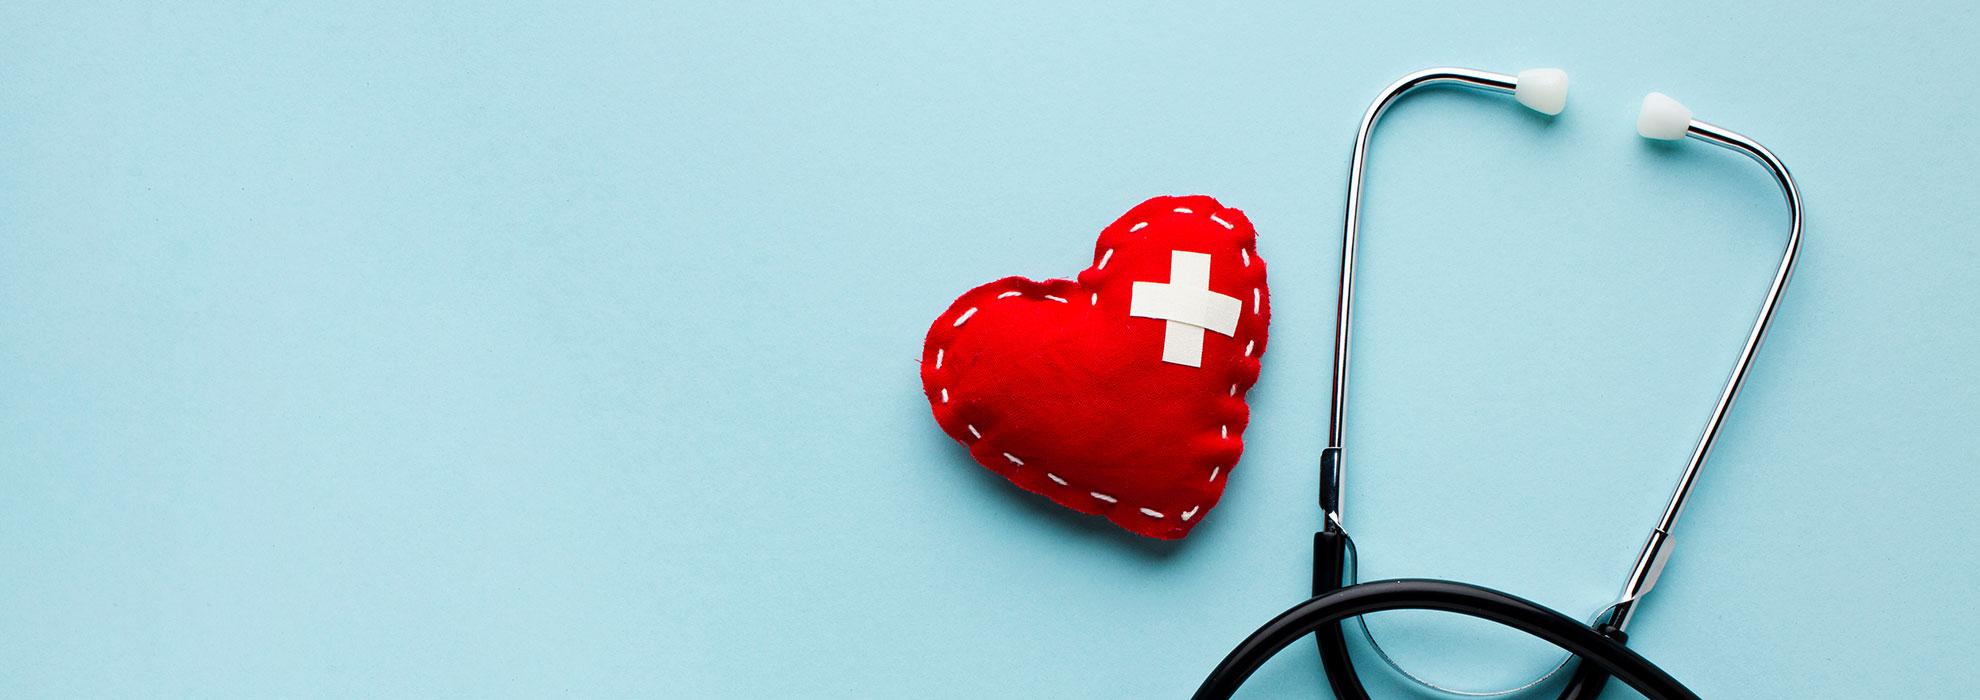 Notfall – Hausarztpraxis Hinz, Königsheide 26, 44536 Lünen